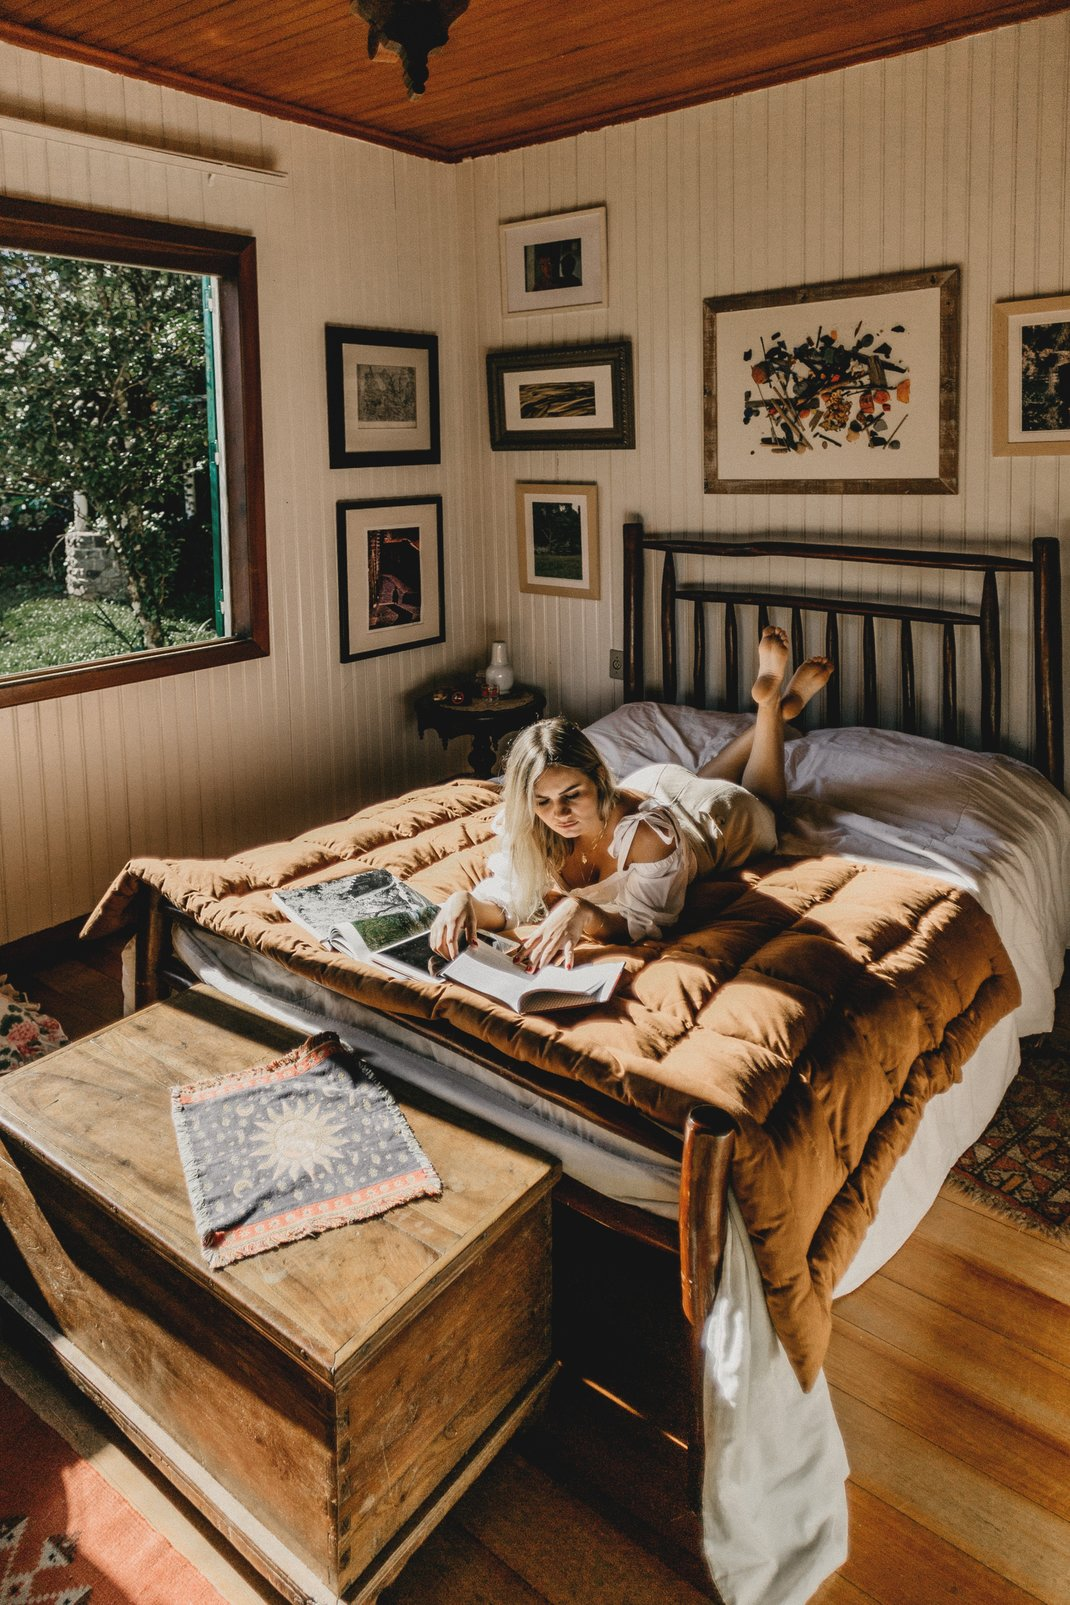 Η συνήθεια των ανθρώπων που κοιμούνται καλά, τρώνε σωστά και βγάζουν πολλά χρήματα - Φωτογραφία 3